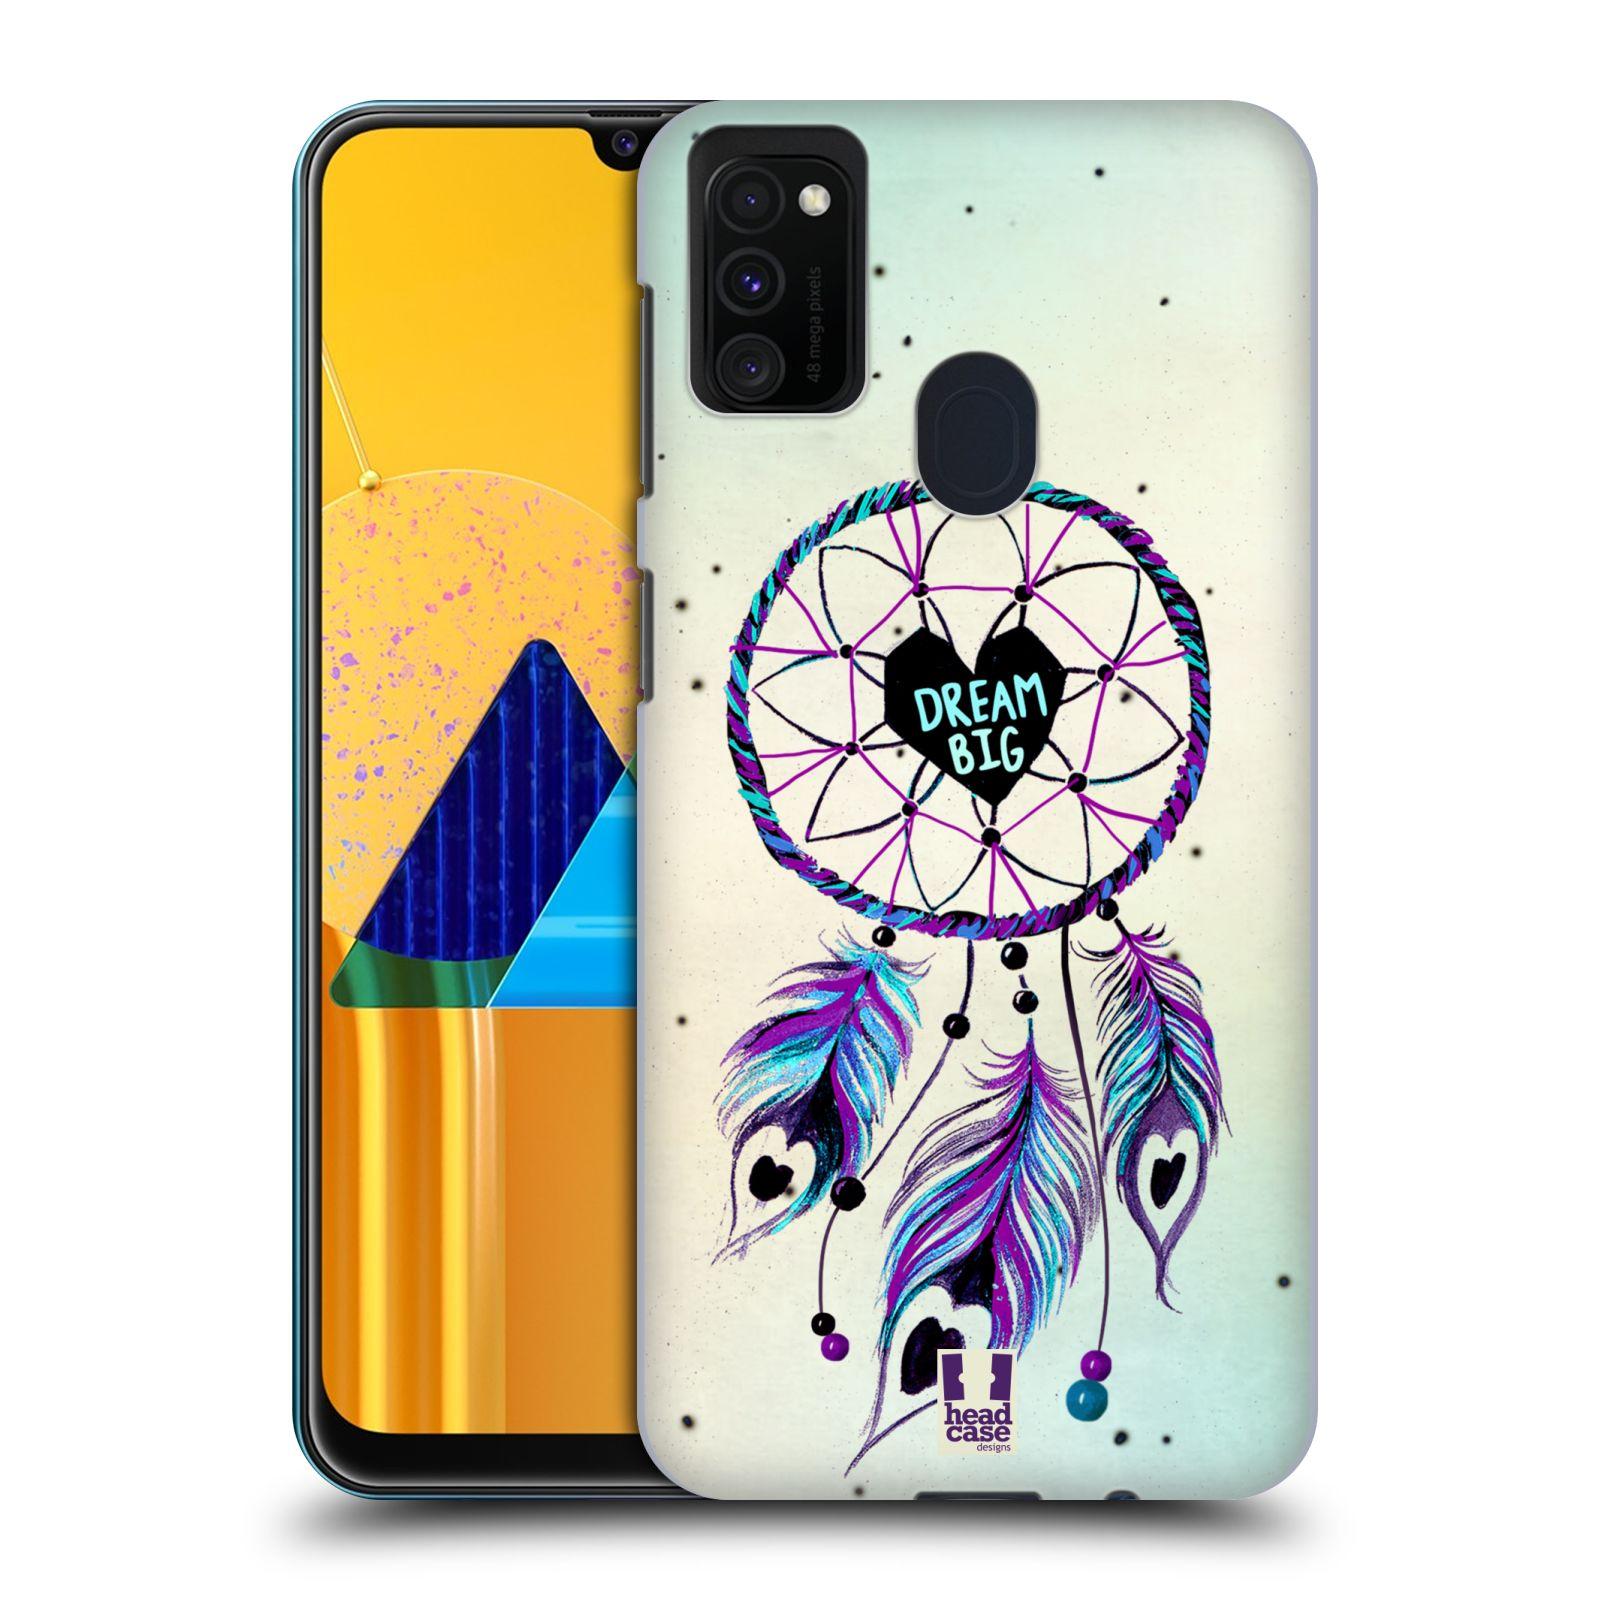 Plastové pouzdro na mobil Samsung Galaxy M21 - Head Case - Lapač Assorted Dream Big Srdce